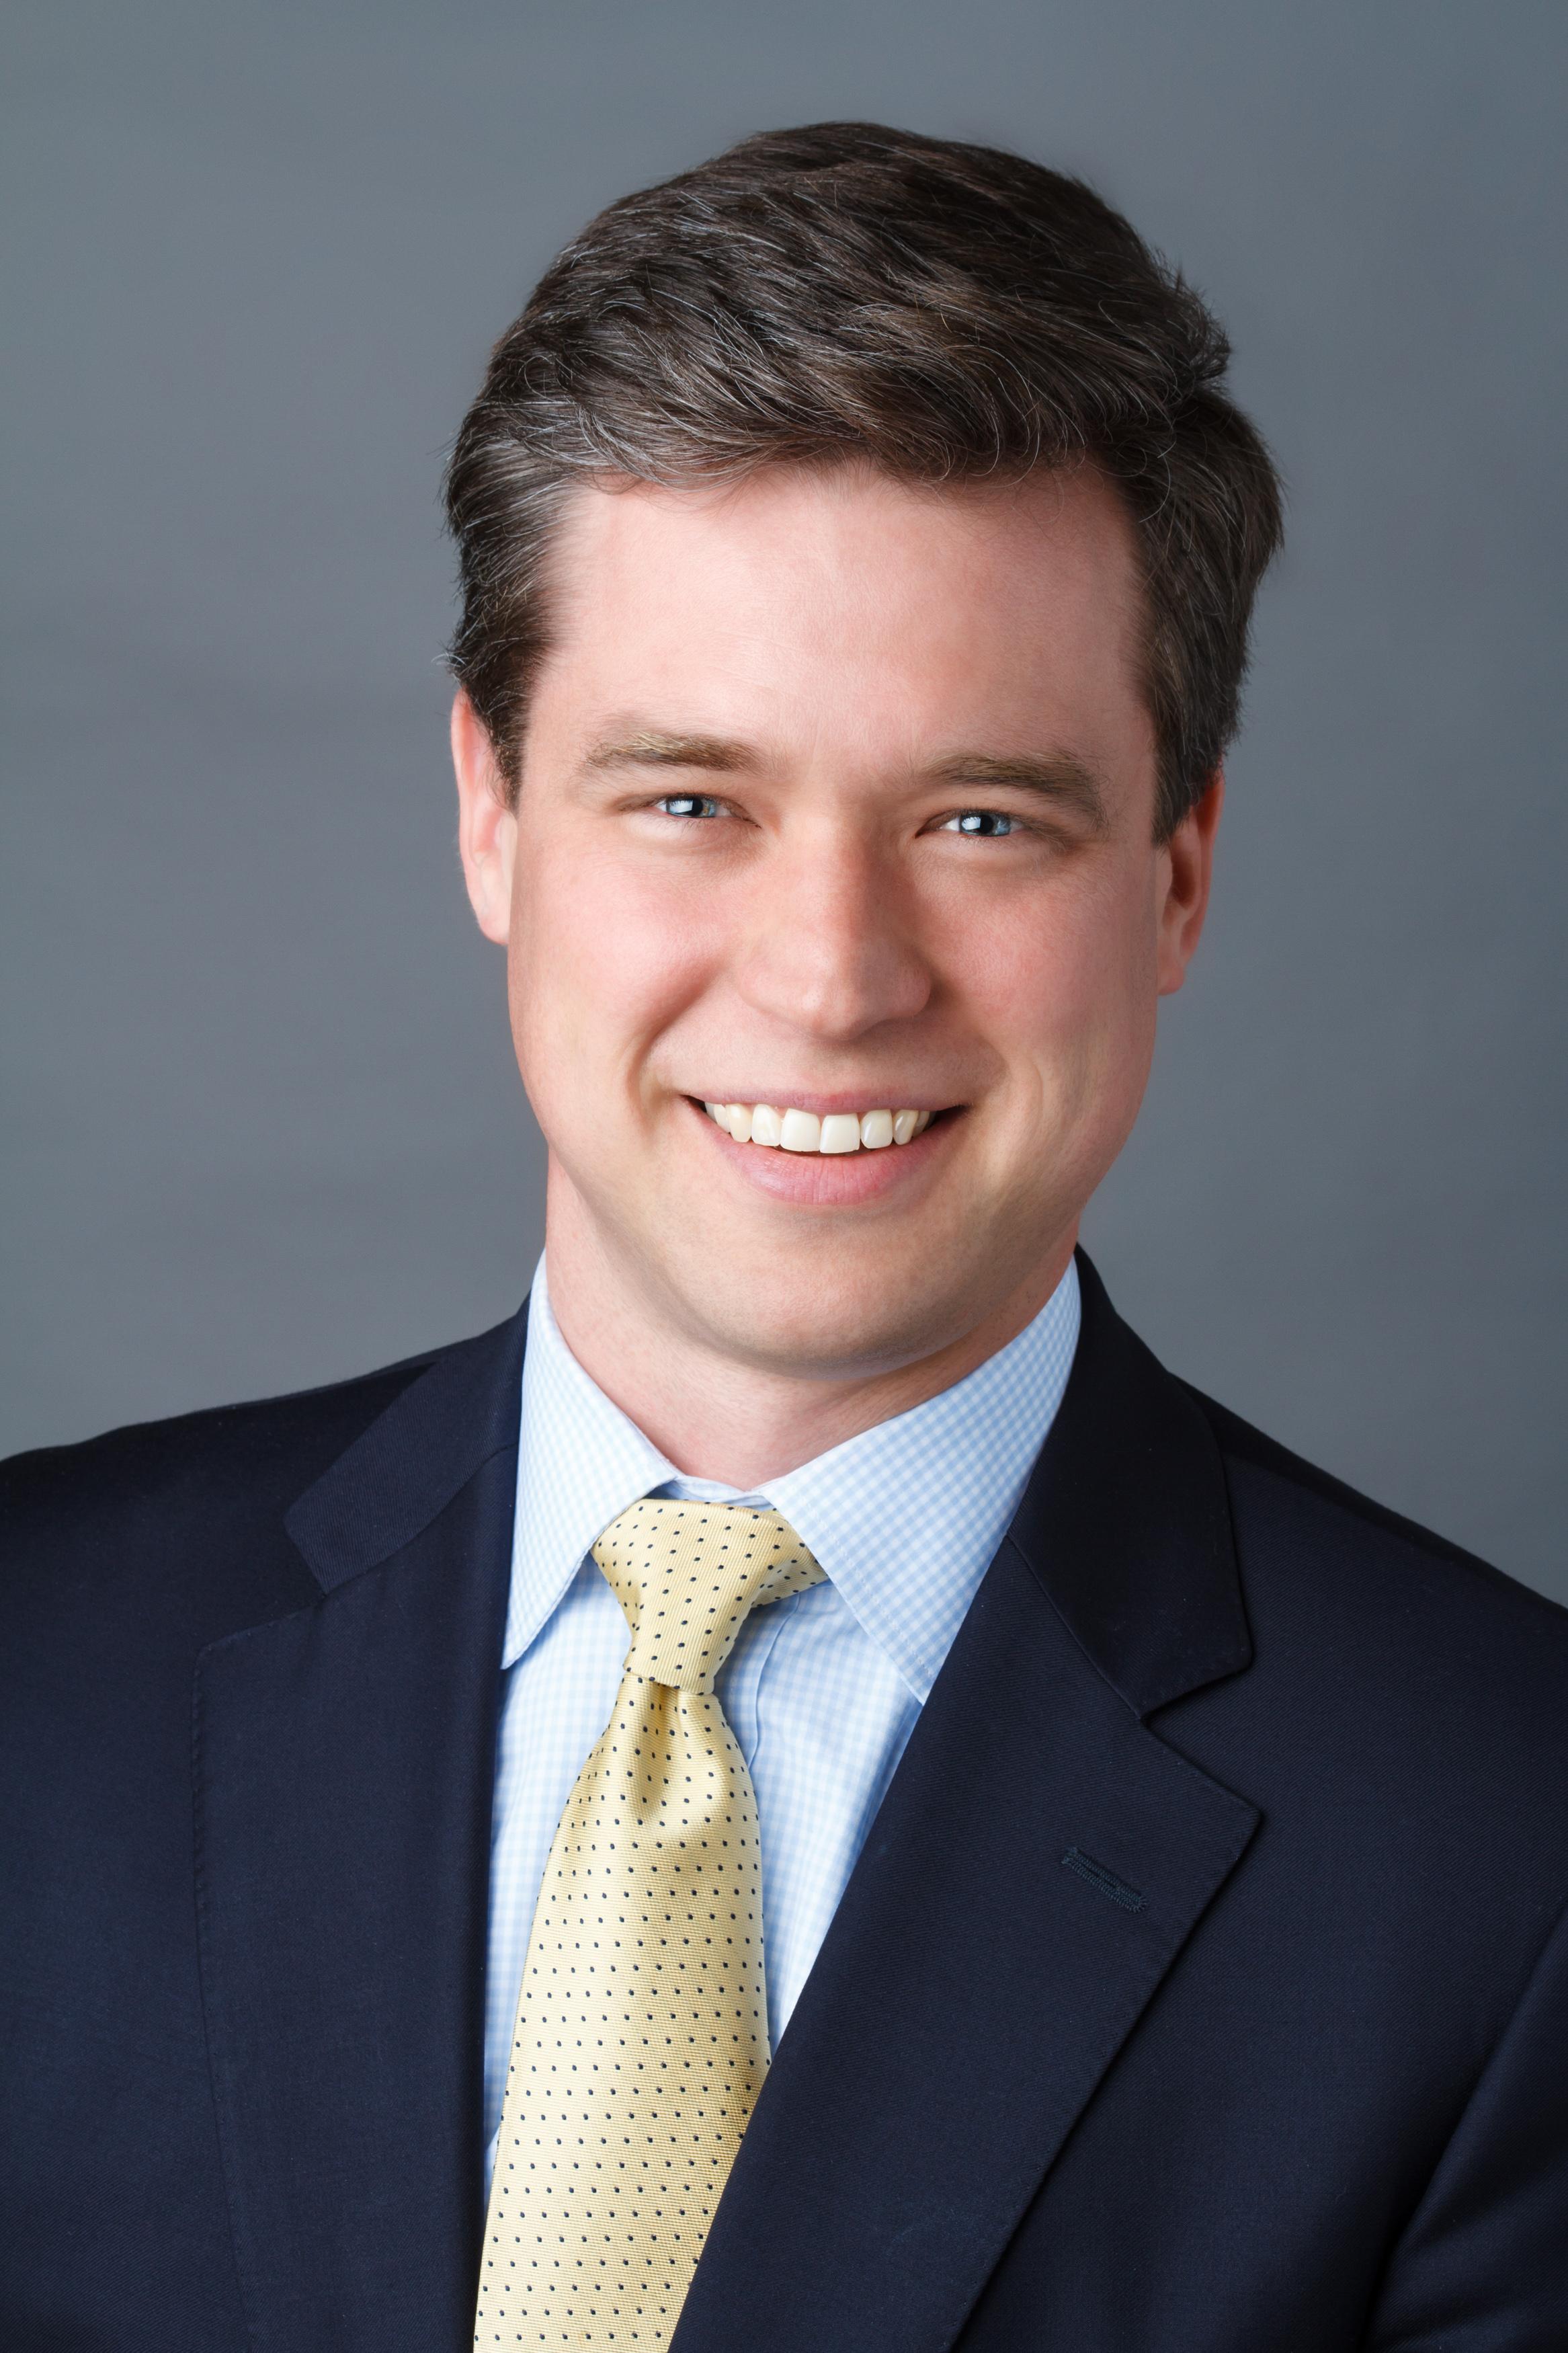 matthew weinzierl   Harvard Business School  Professor